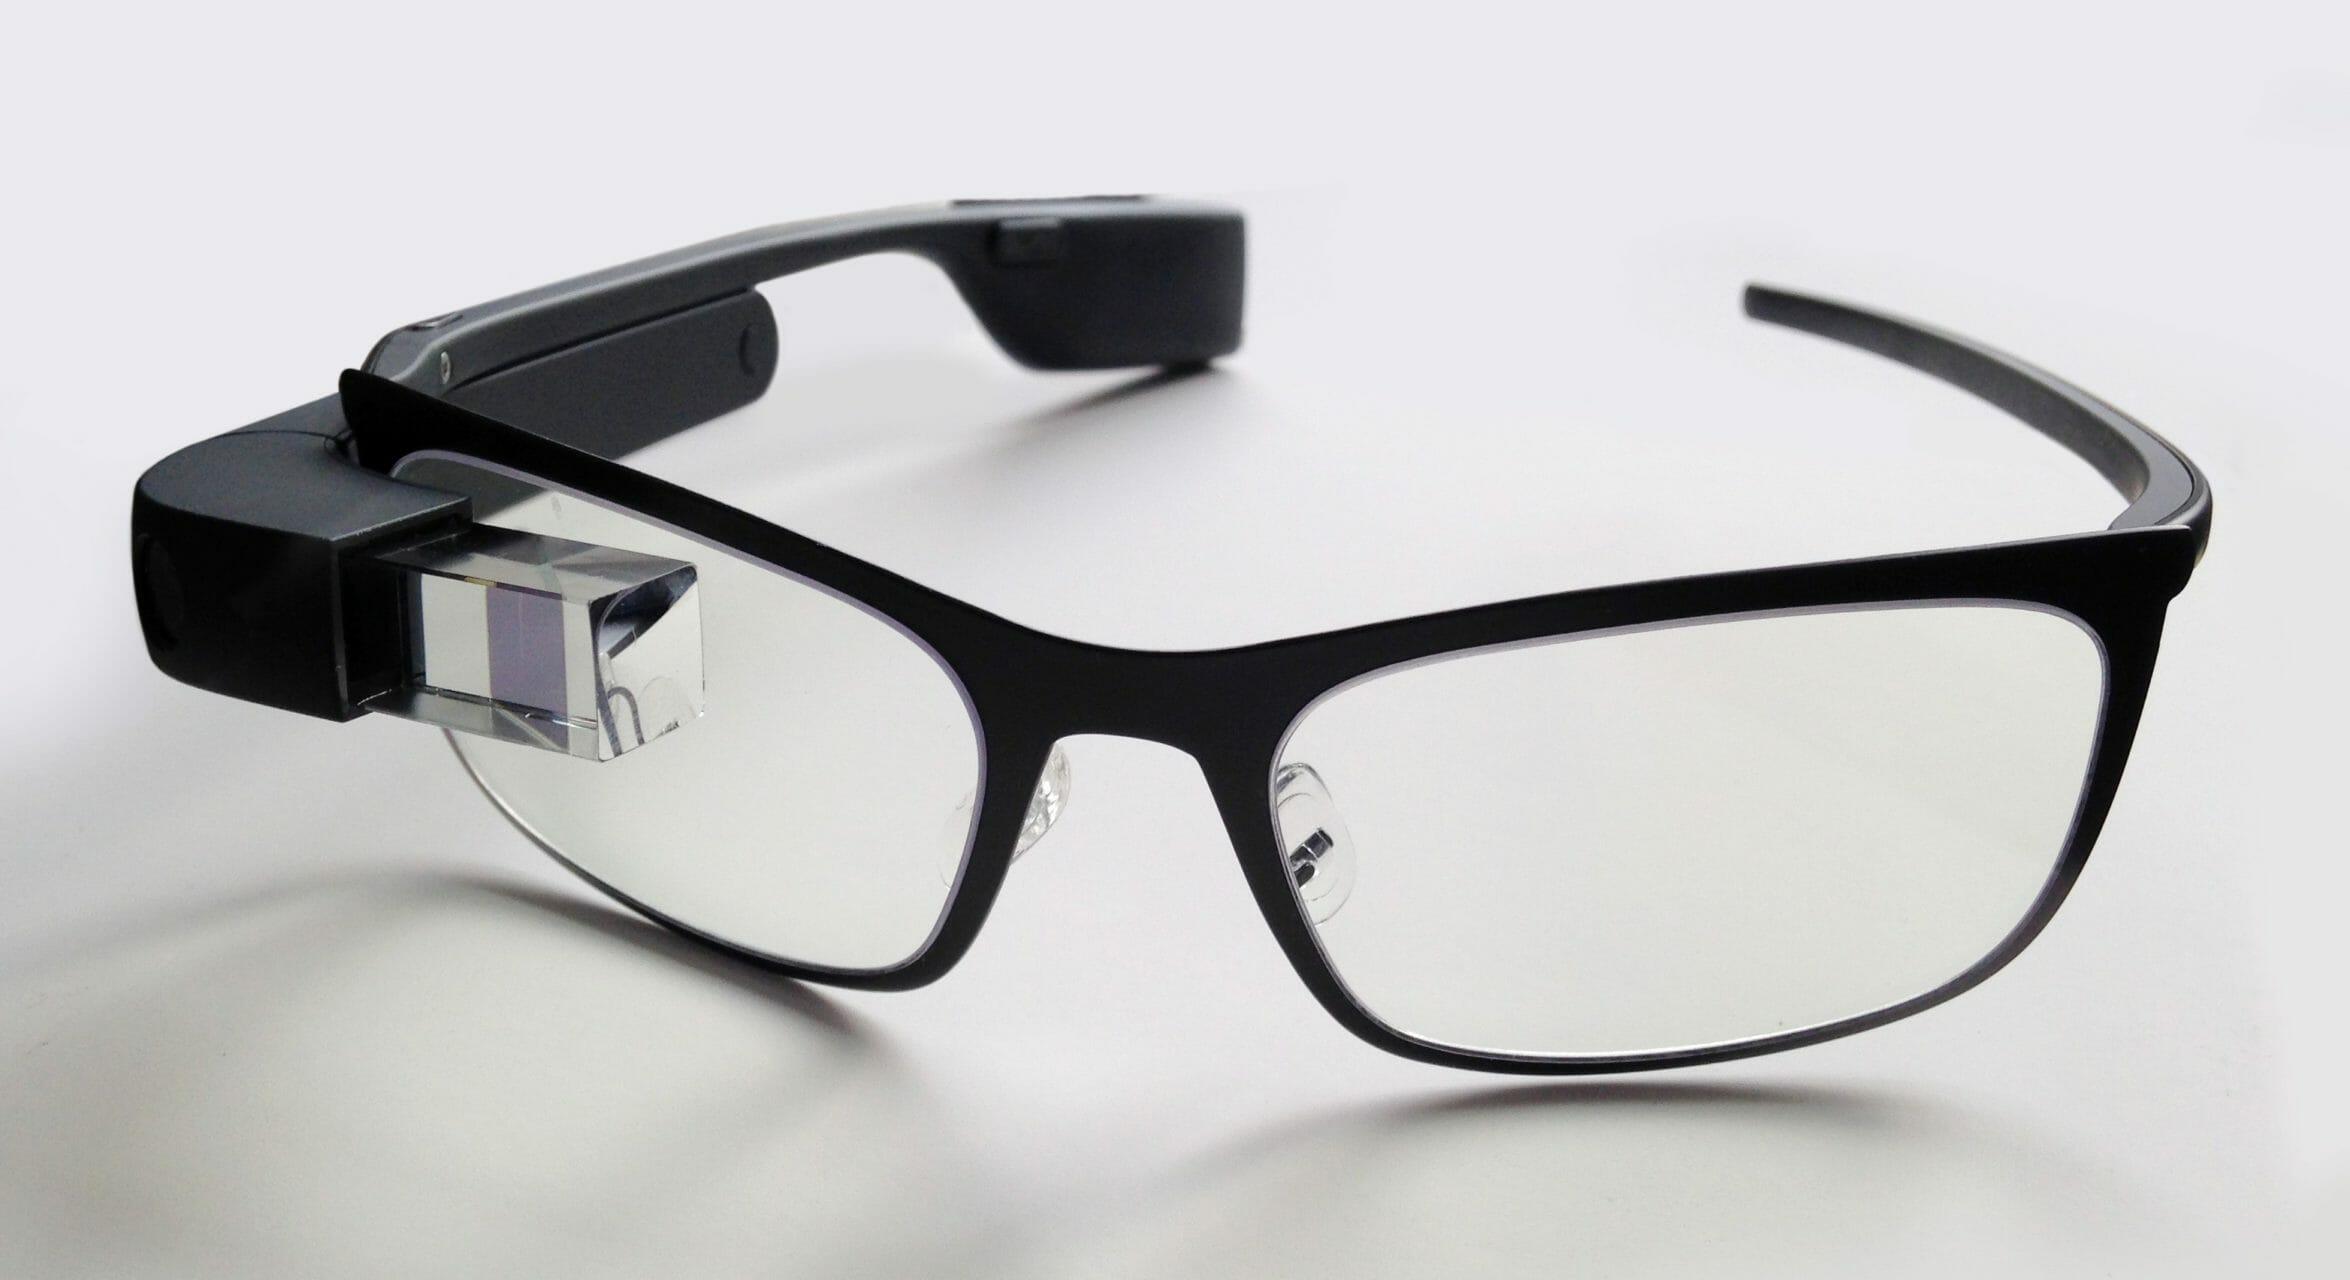 L'ergonomie : ou comment prédire l'acceptabilité d'une technologie